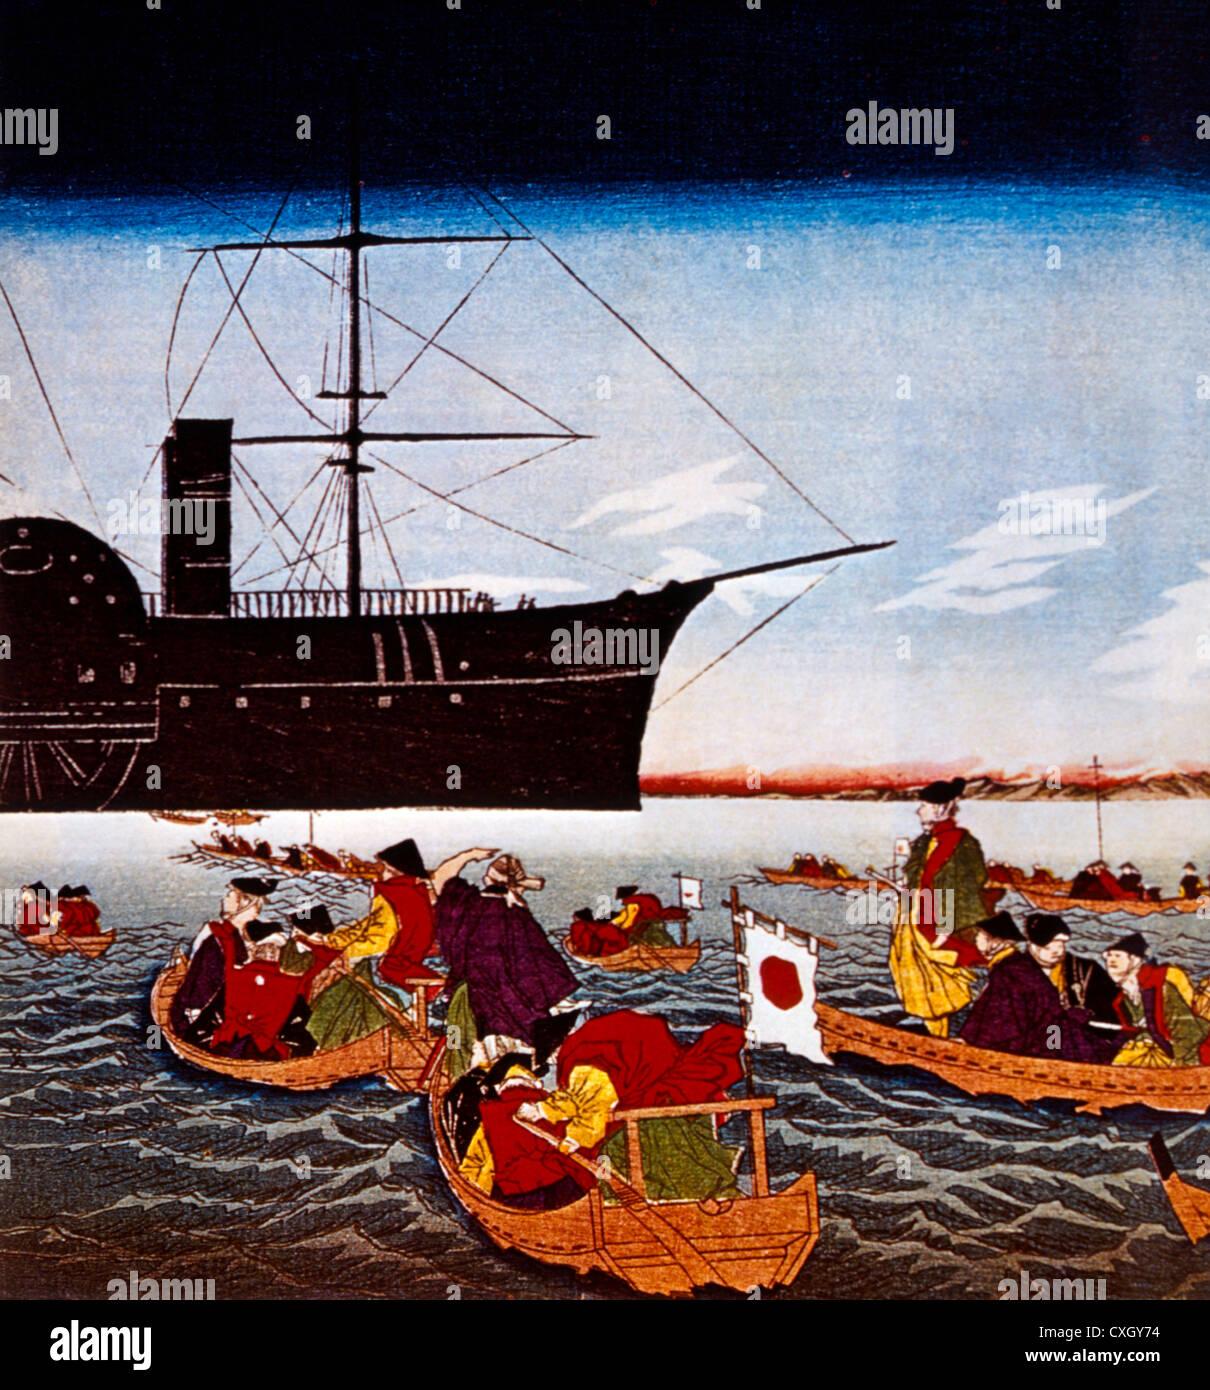 El Comodoro Matthew C. Perry's Buque negro Llegando a Japón, Impresión, 1853 Imagen De Stock